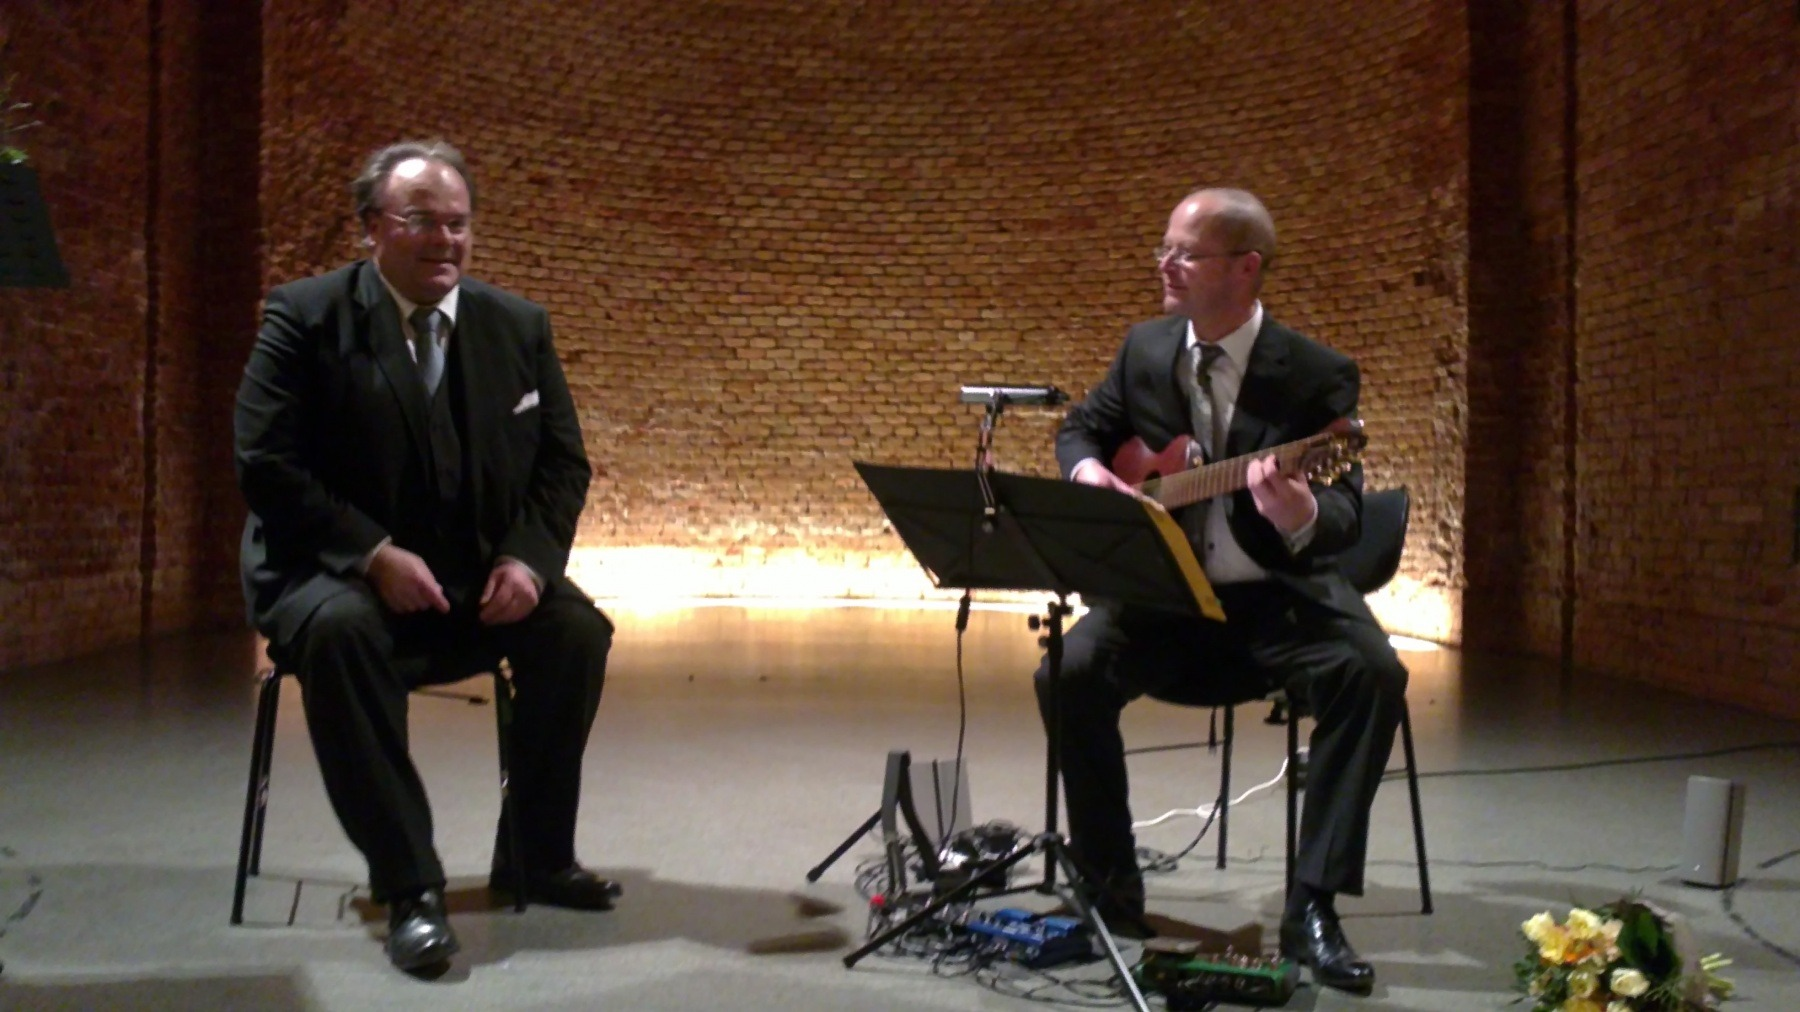 Liederabend mit KS Martin Petzold in der Allerheiligen-Hofkirche der Residenz München